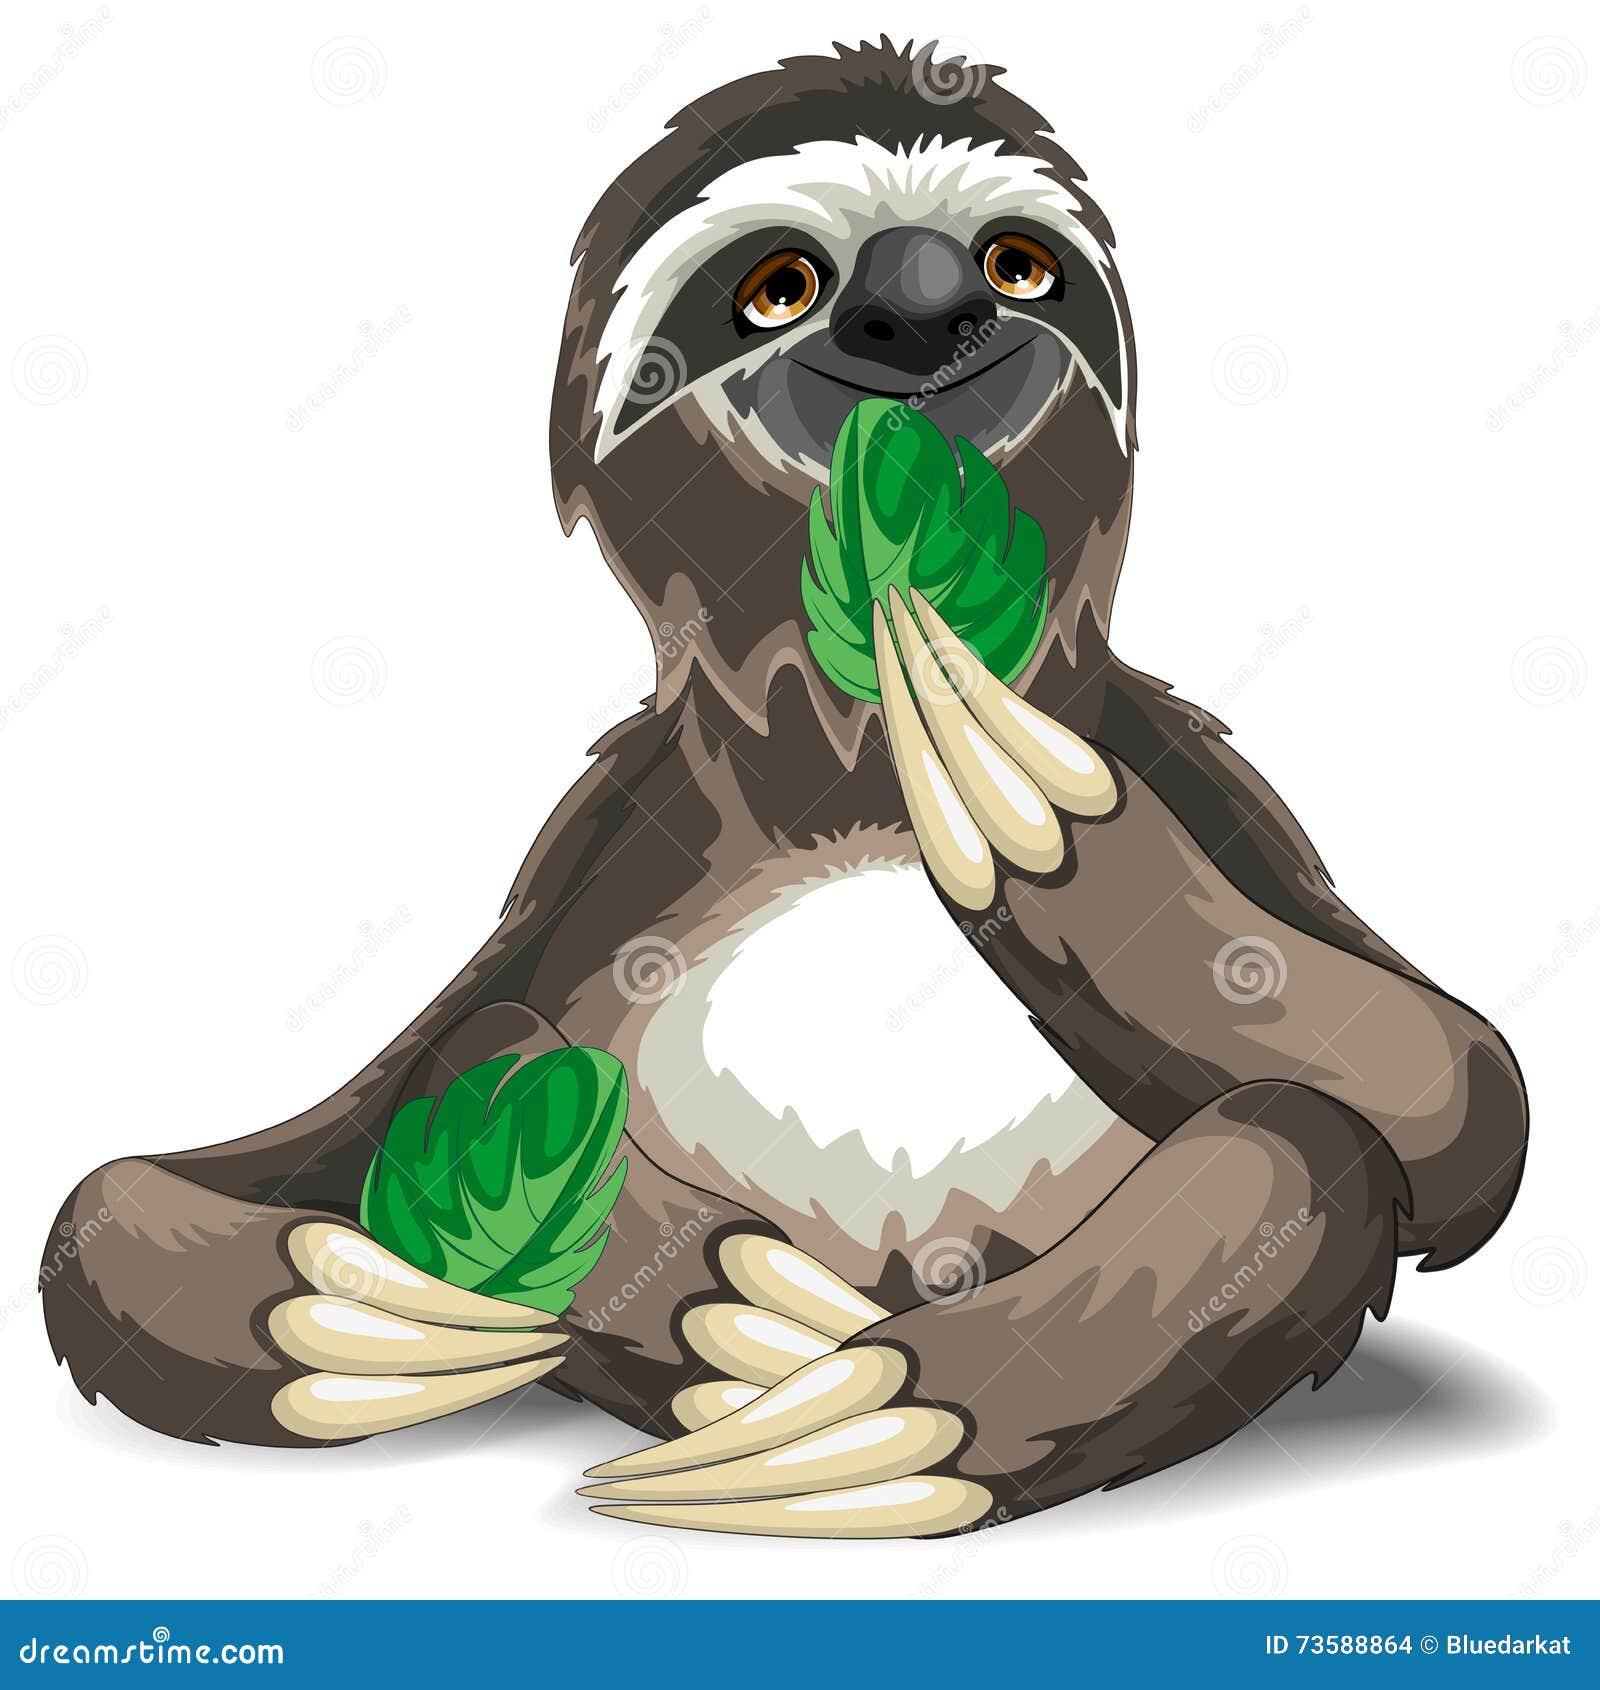 Cartoon Sloth Character. Emoticon Stickers Cartoon Vector ...